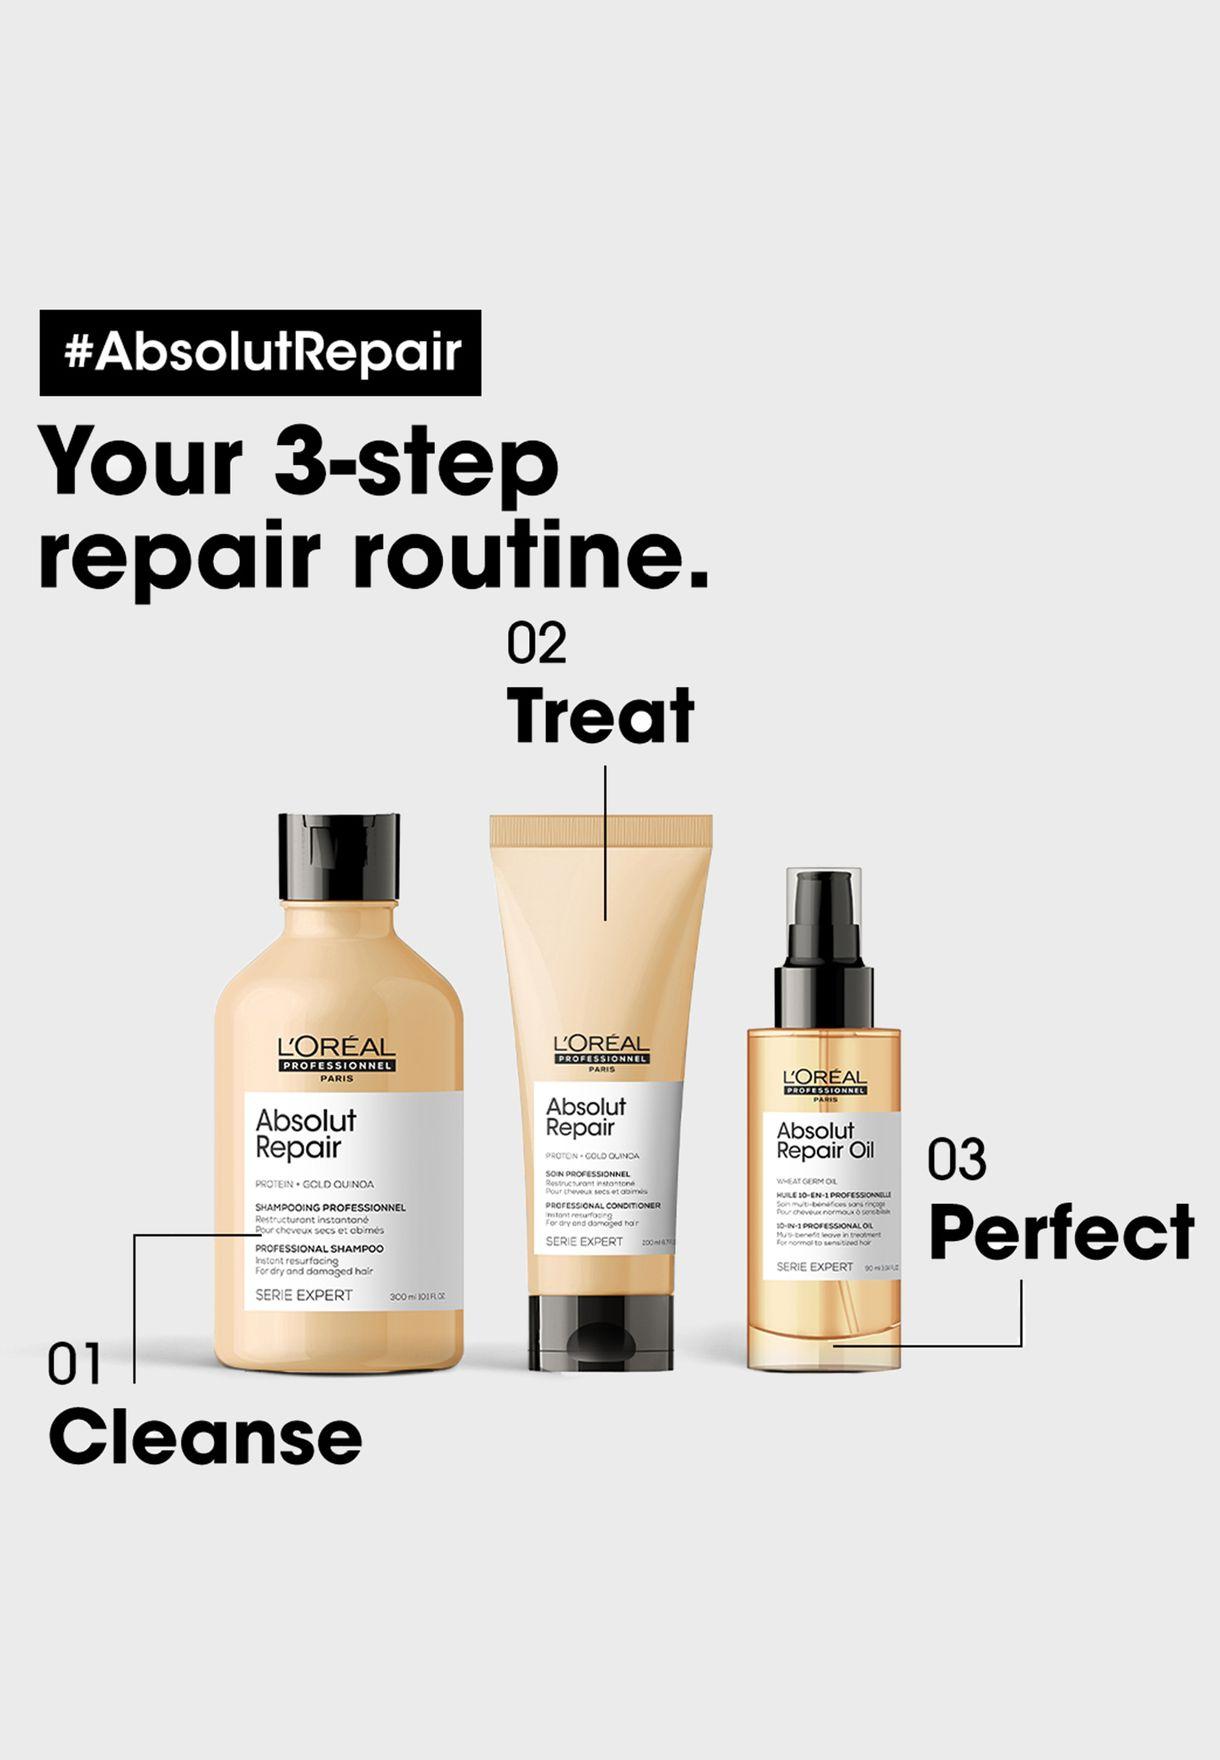 Serie Expert Absolute Repair Conditioner